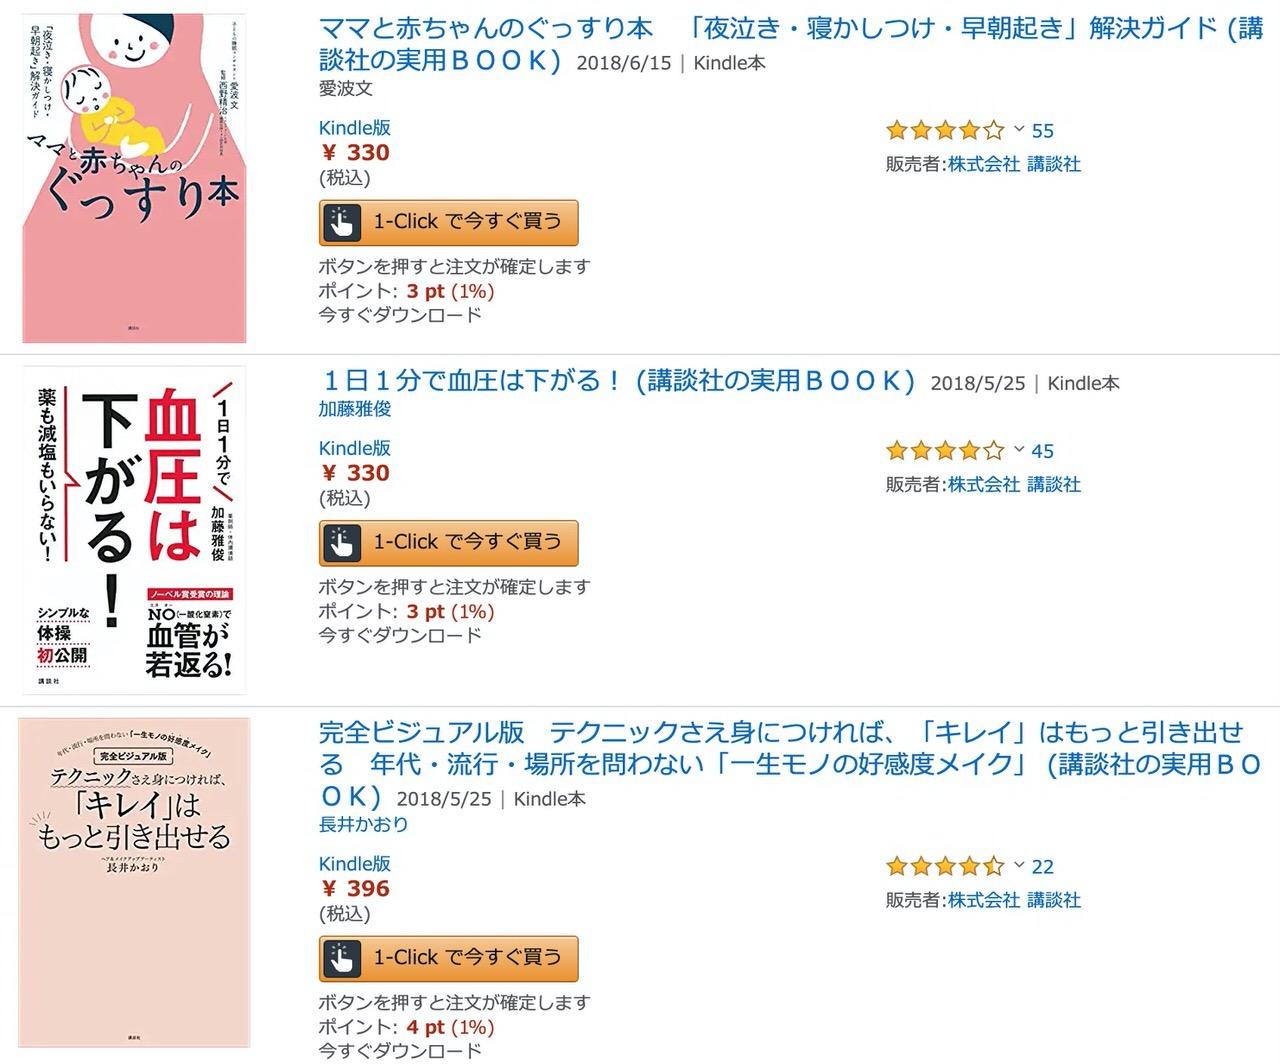 【Kindleセール】英語・メイク・リフォームファッションなど335冊が対象「春の趣味・実用書フェア」(3/31まで)